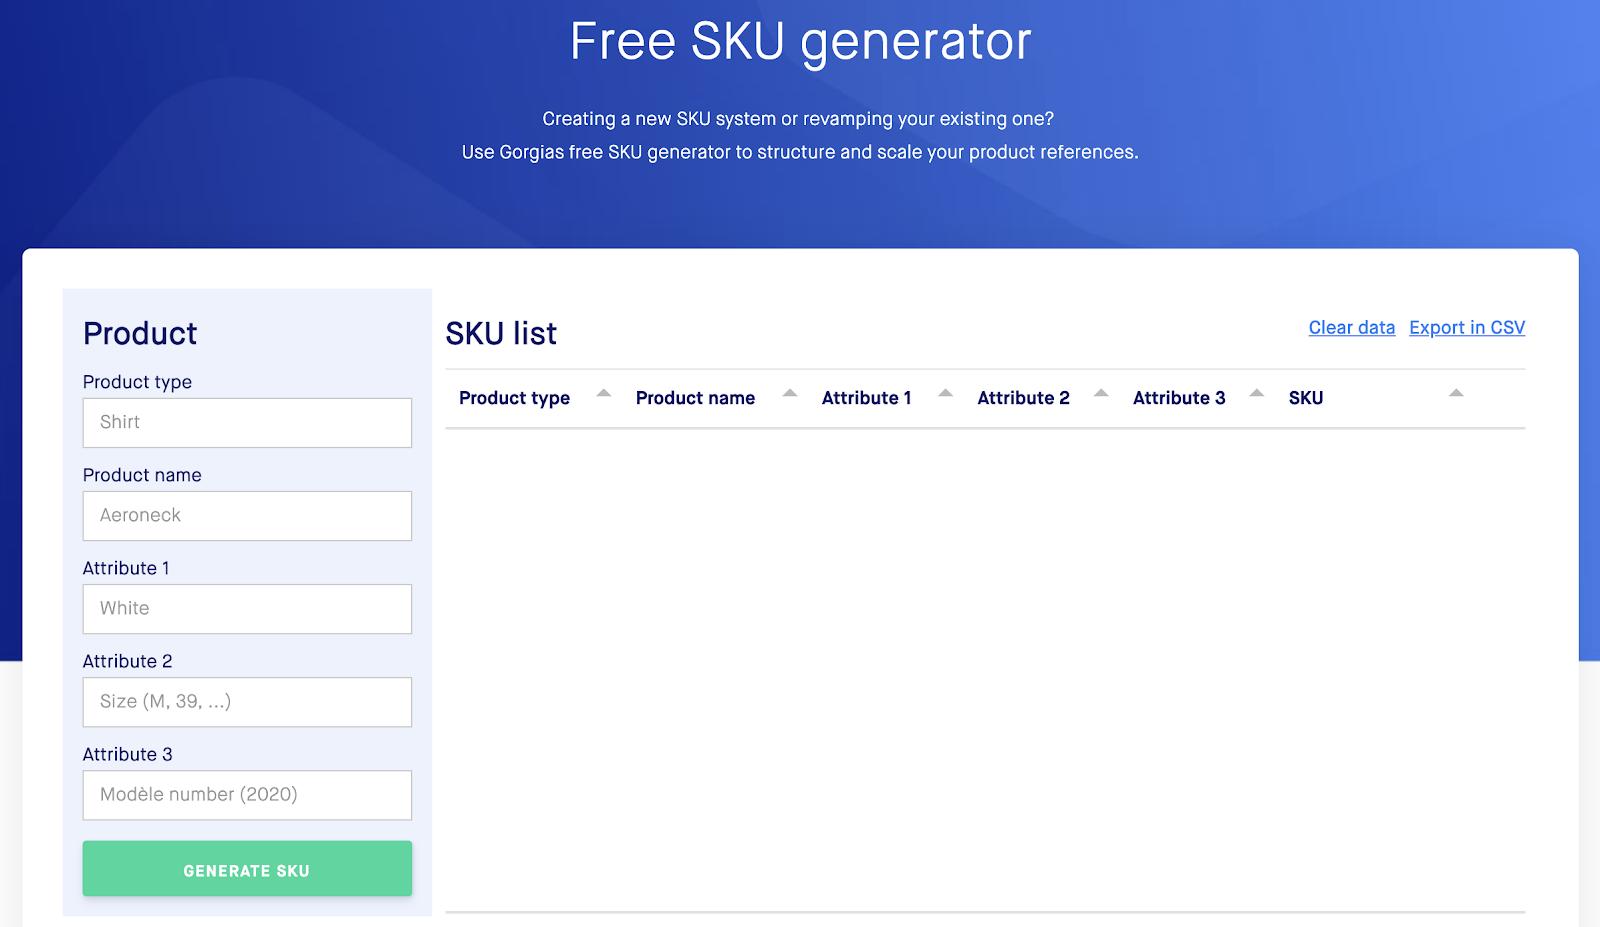 Free SKU generator by Gorgias